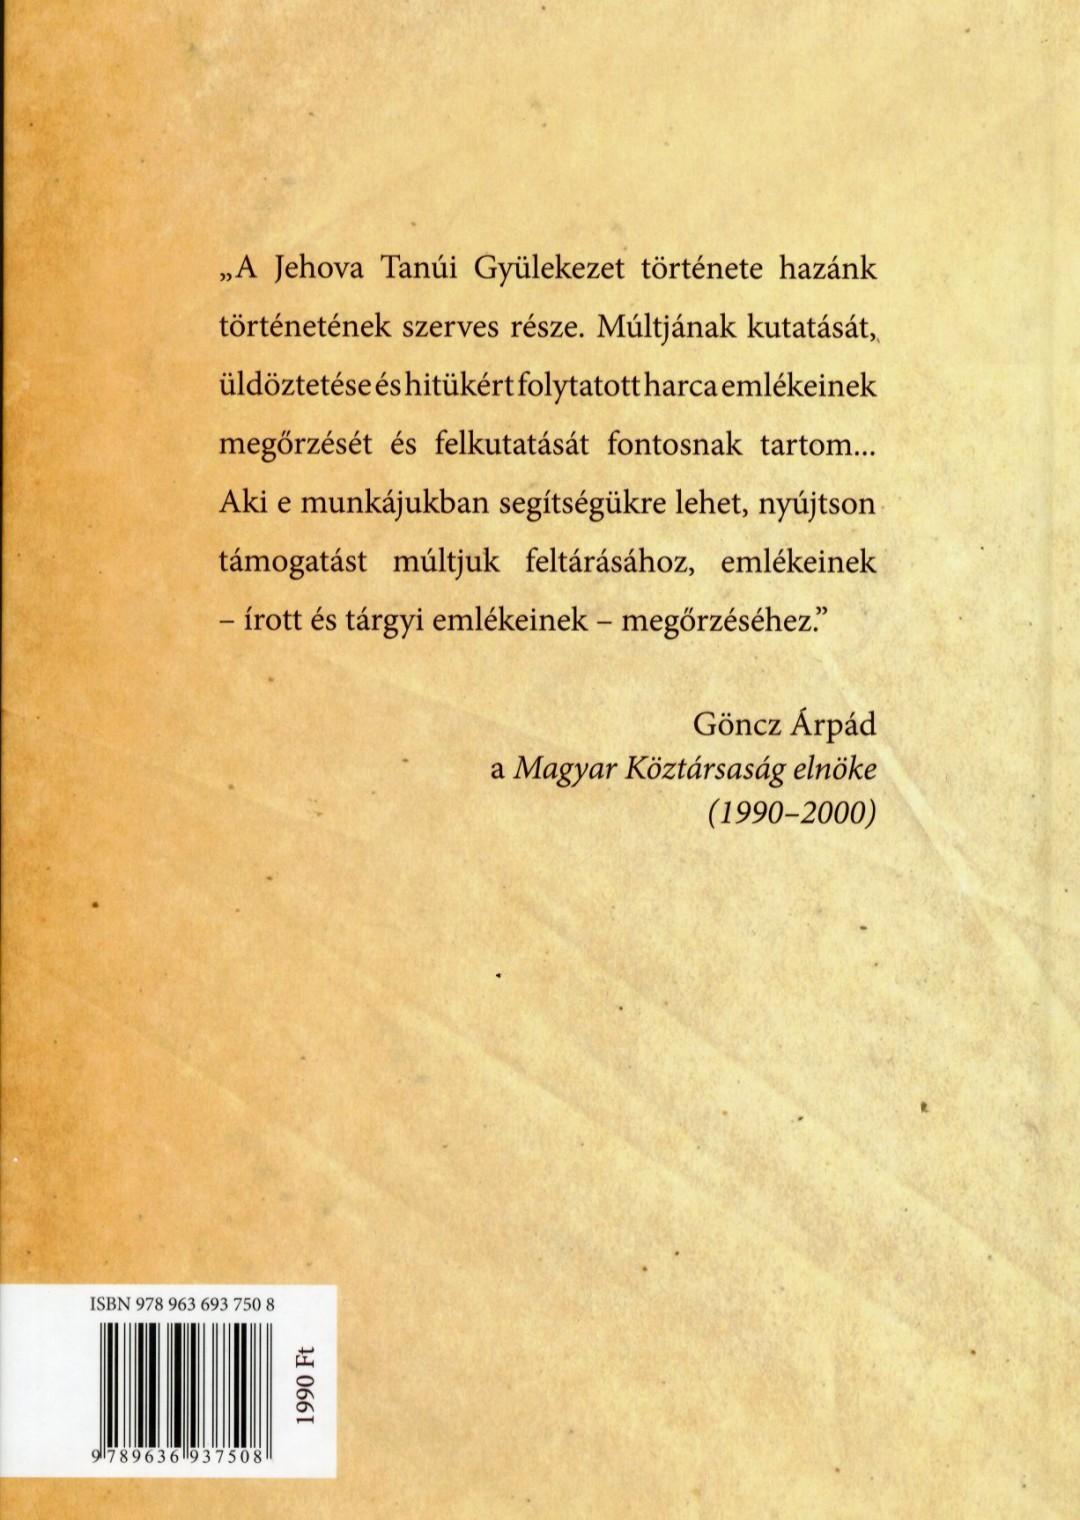 A magyarországi Jehova Tanúi Egyház története - A kezdetektől napjainkig